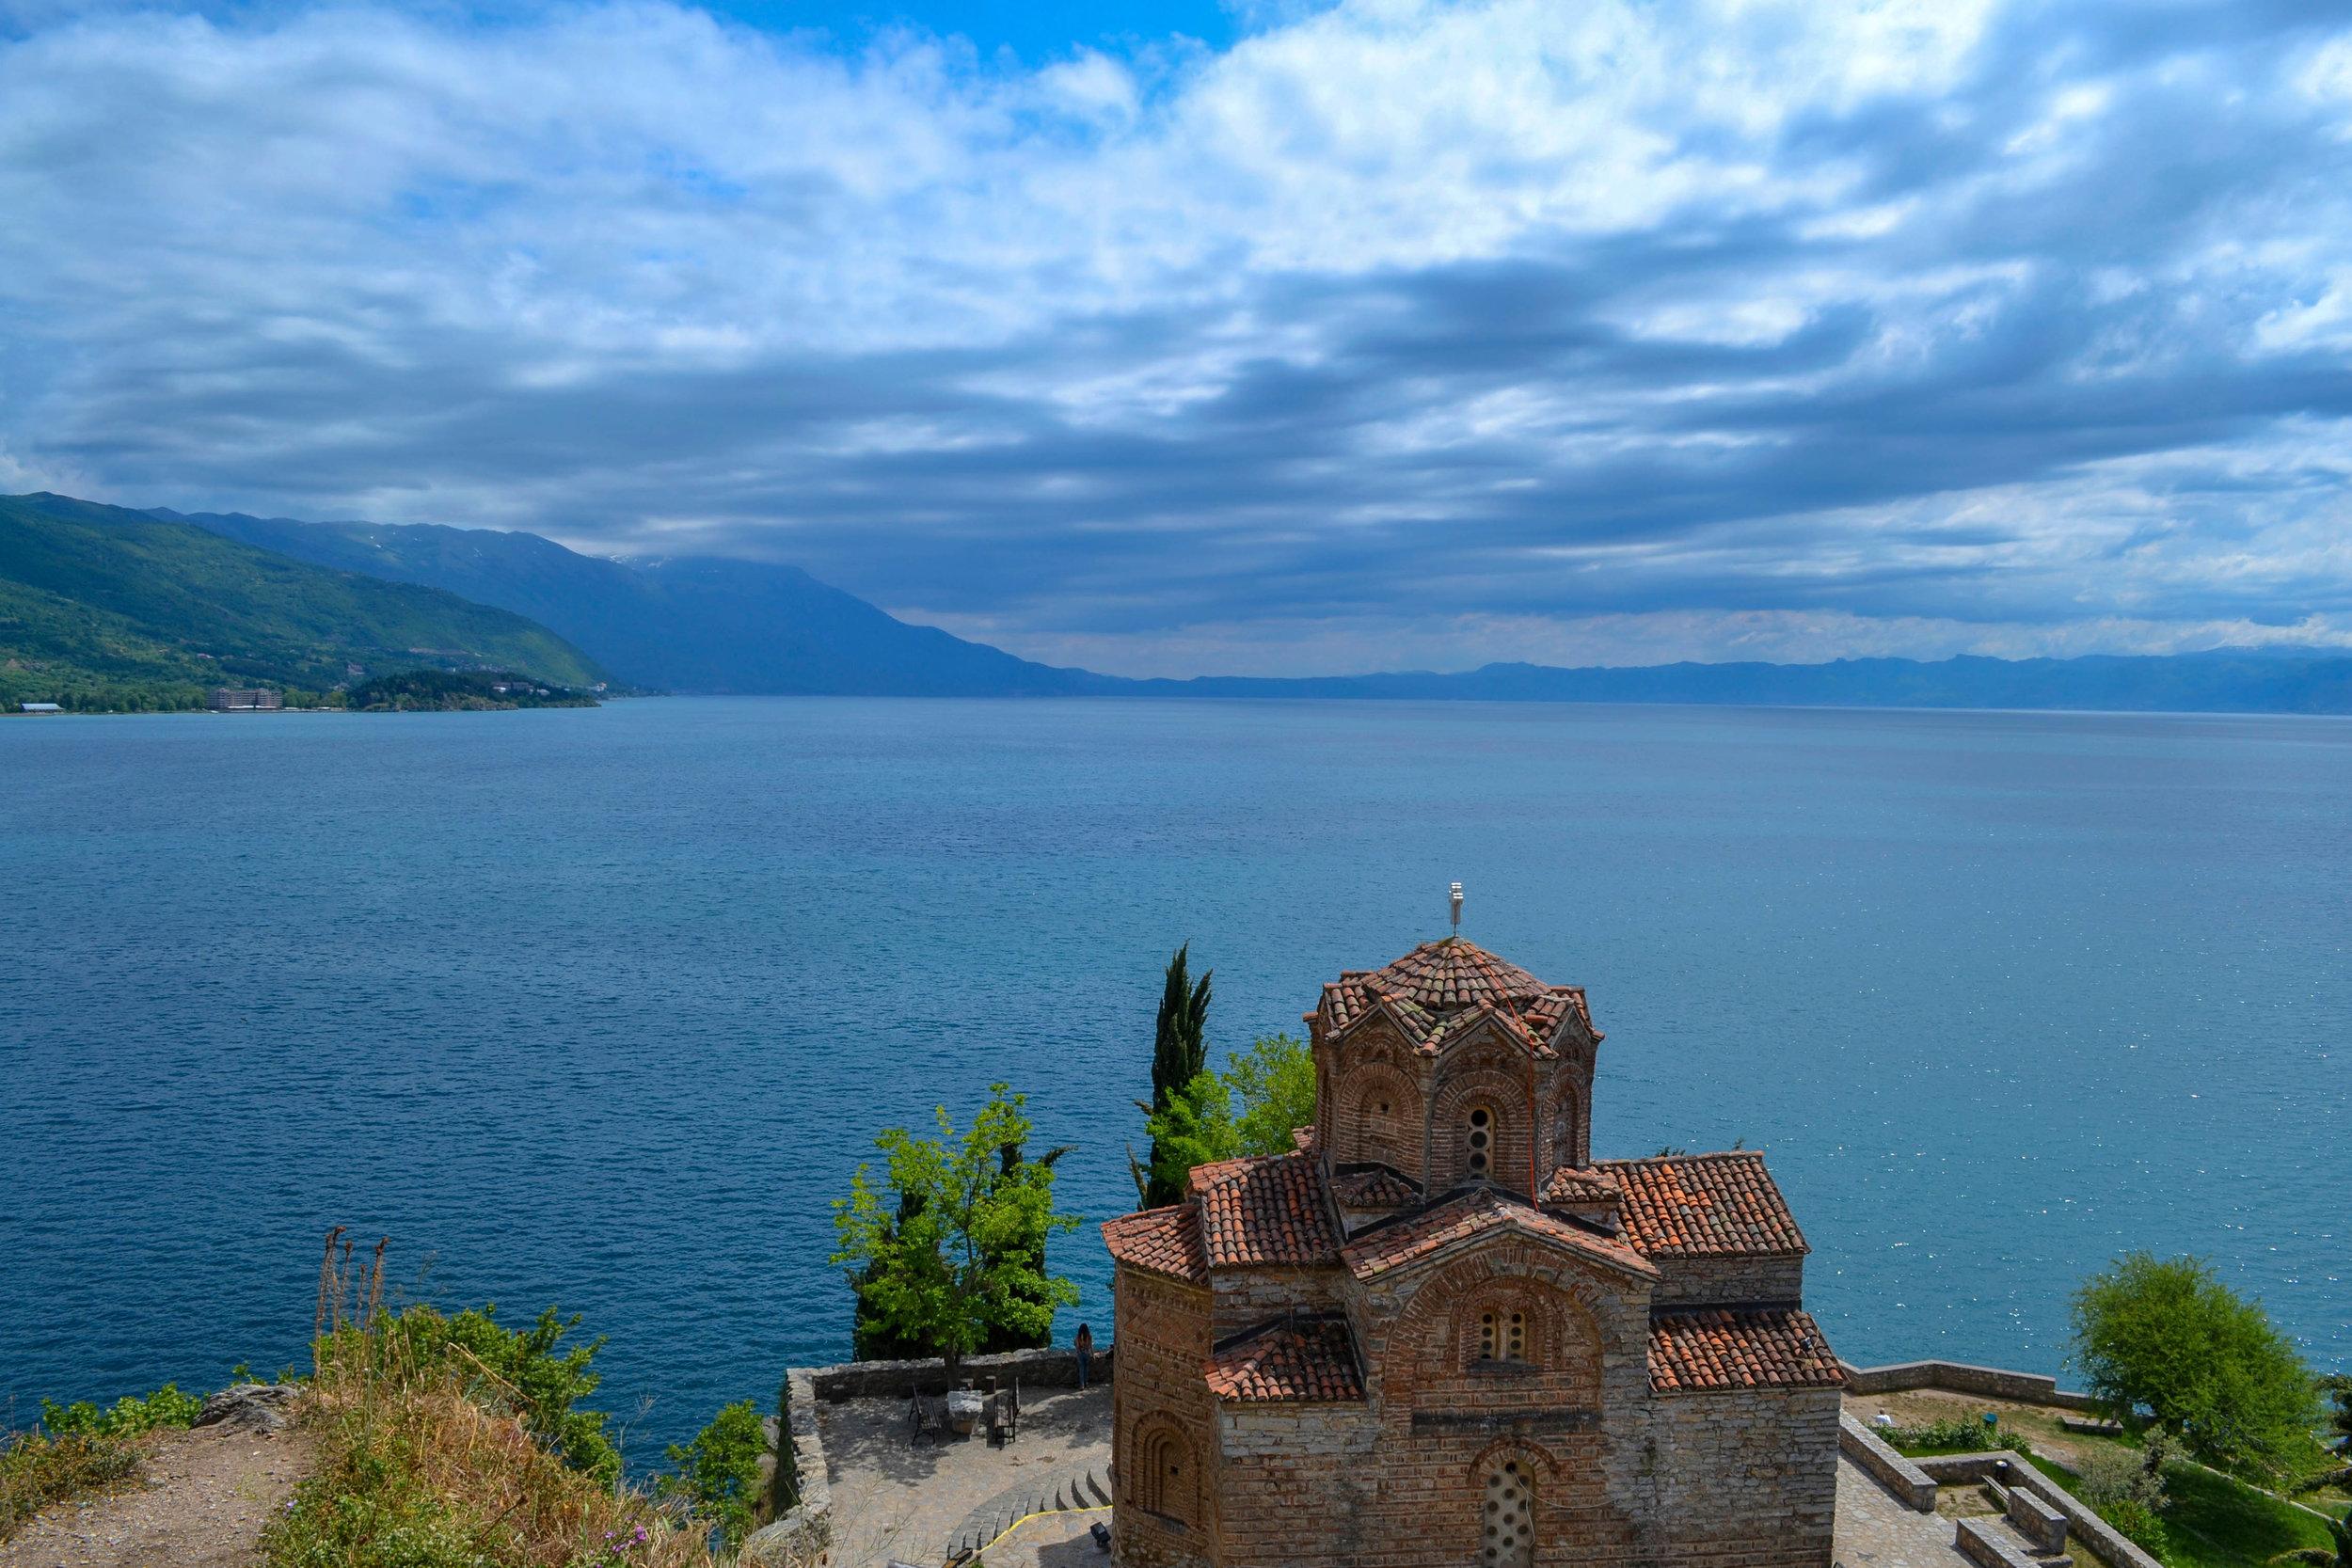 Church of St. John at Kaneo at Lake Ohrid in Macedonia